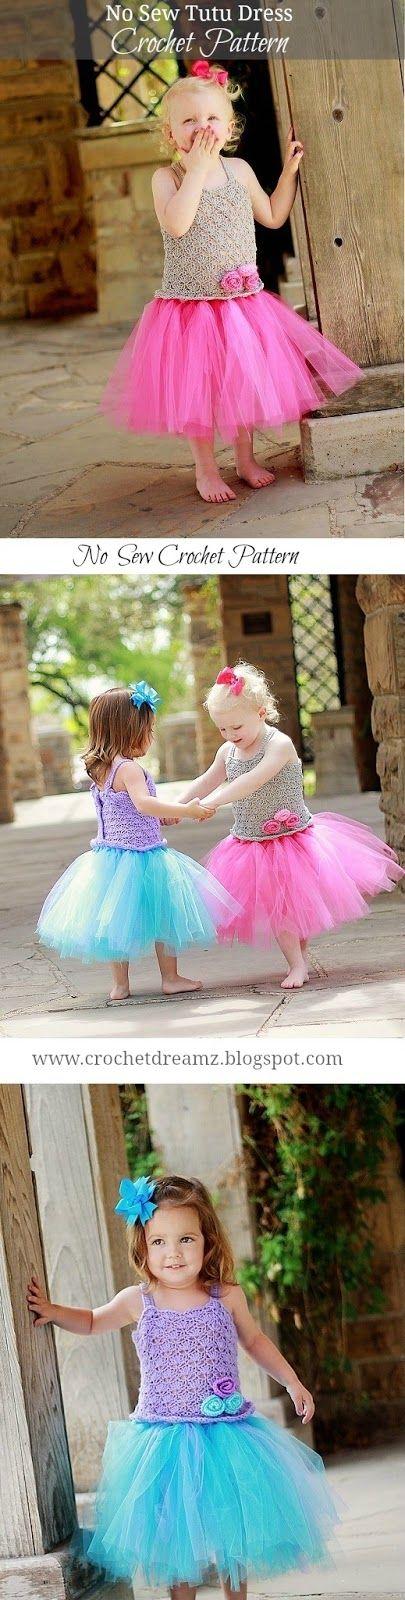 No Sew Tutu Dress Crochet Pattern, Crochet Baby Dress Pattern, Pdf Pattern, Newborn to 10 Years